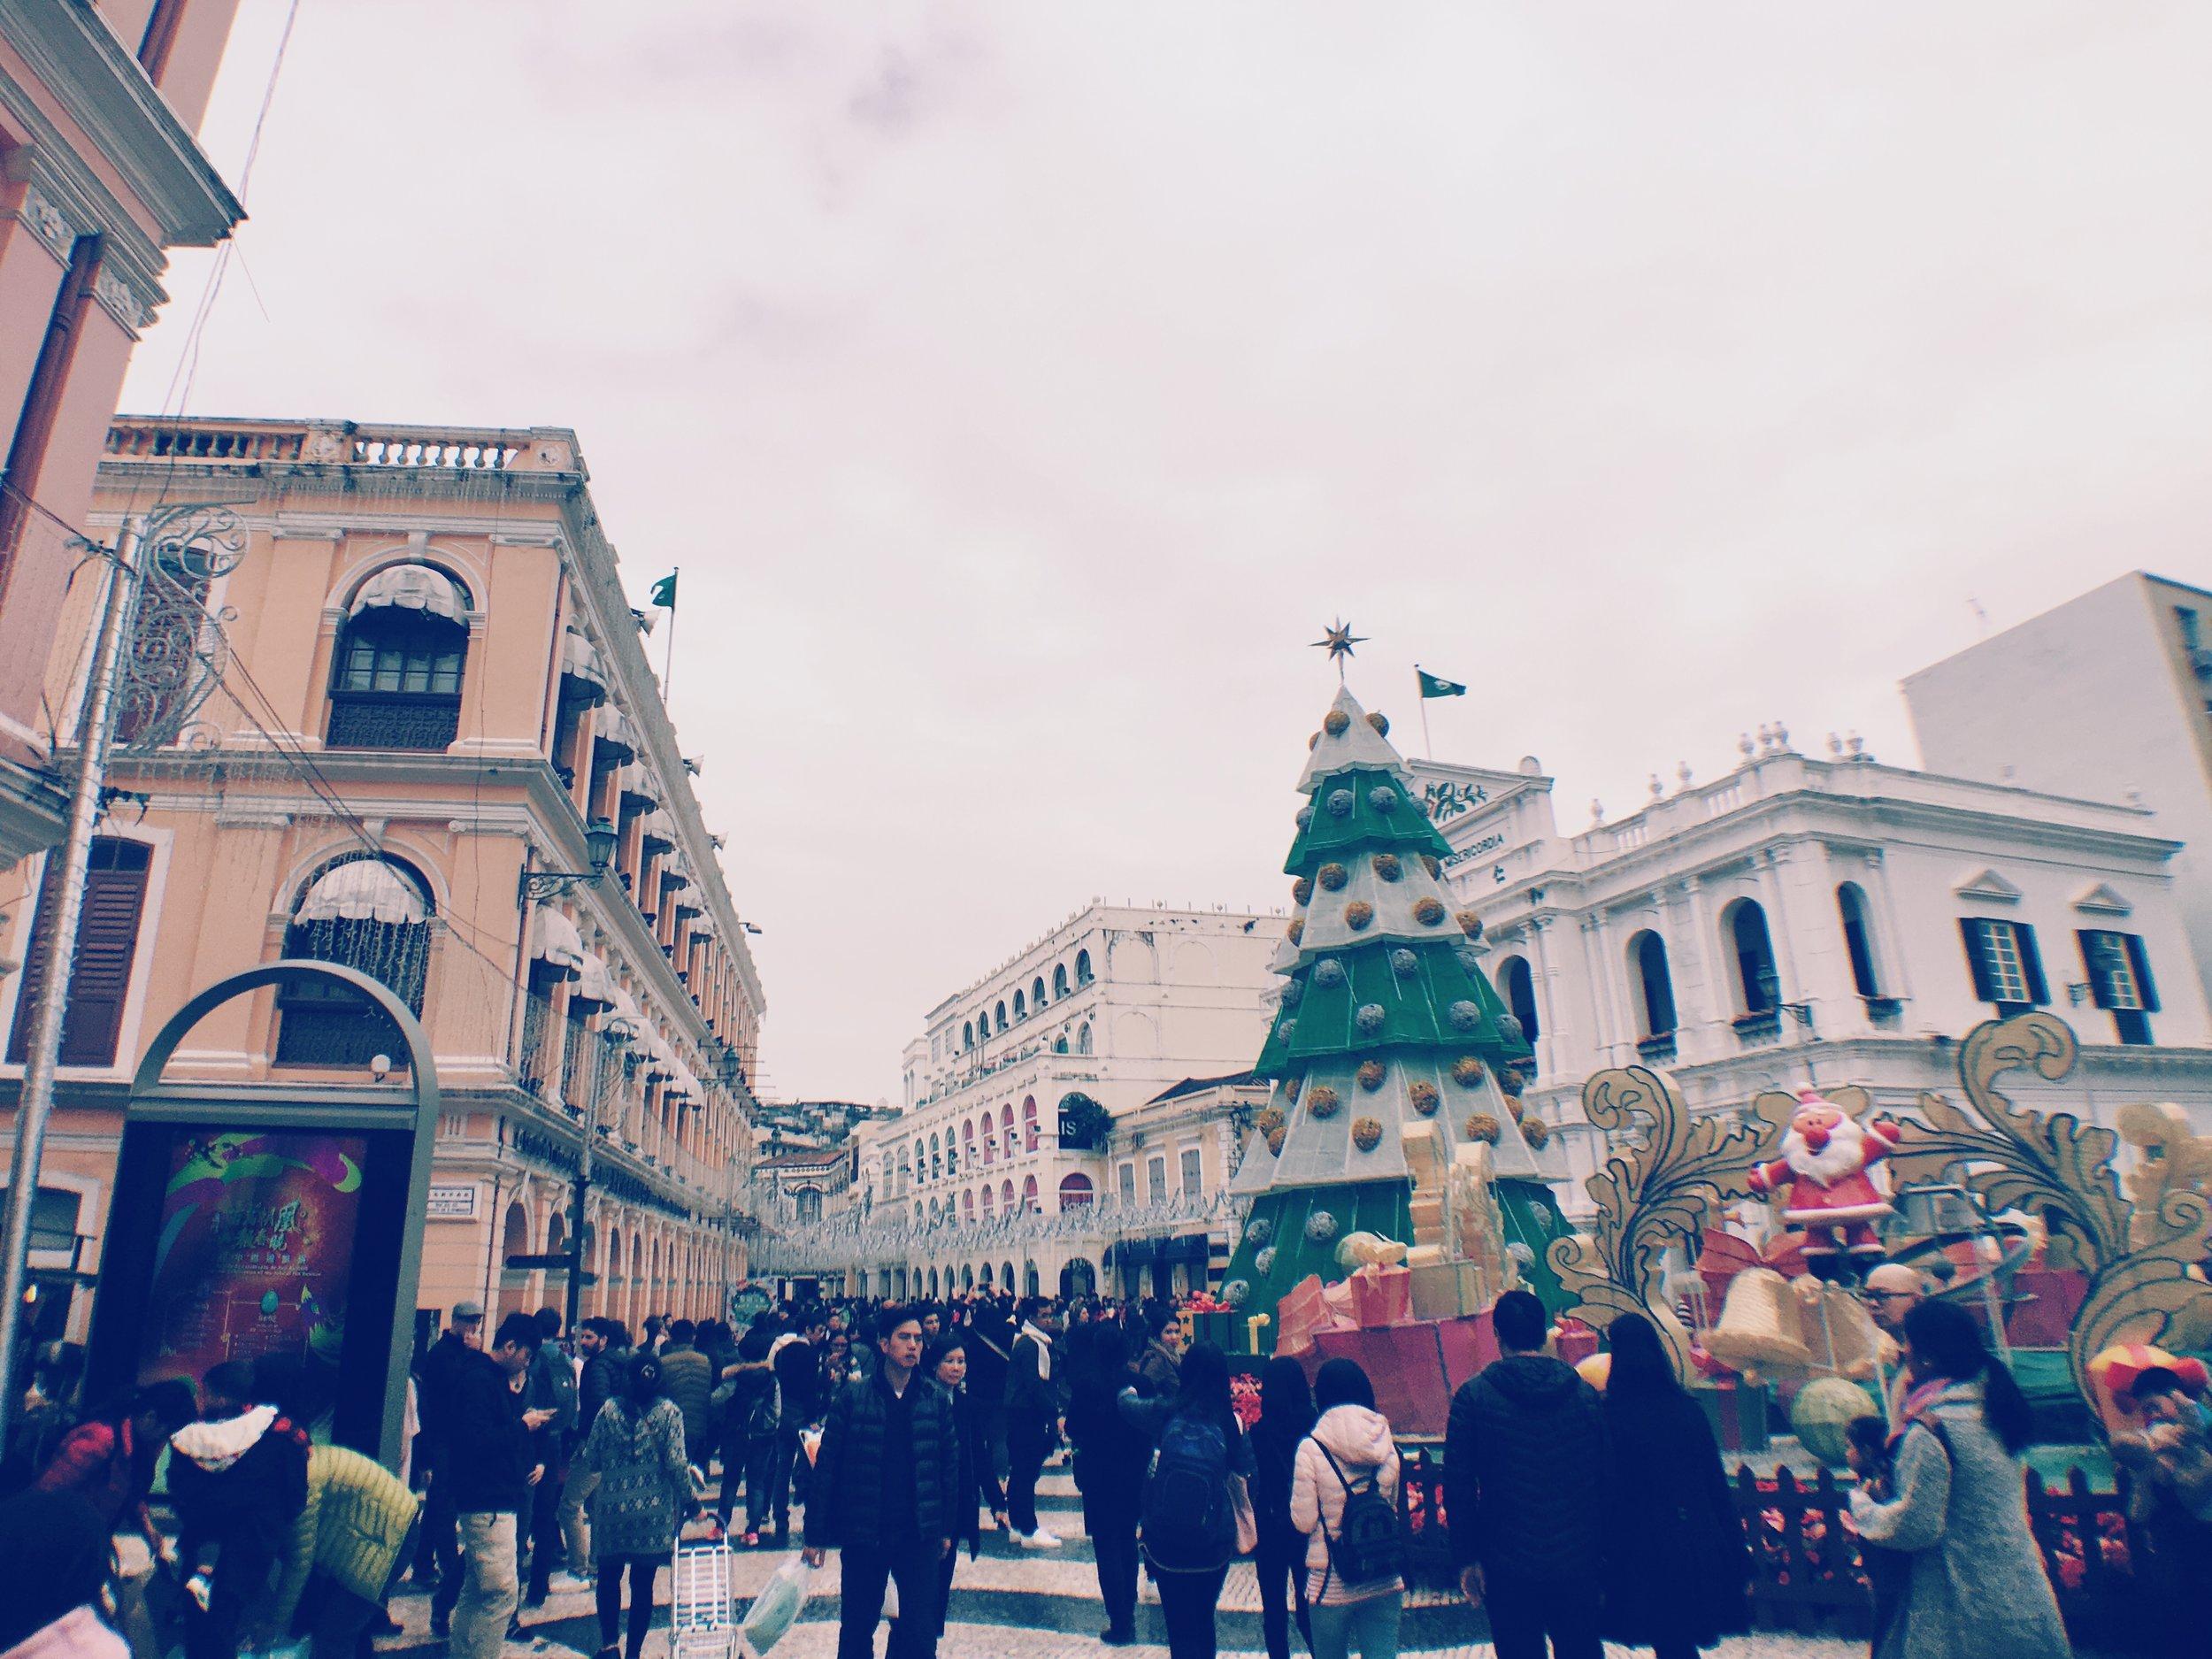 Post Christmas/Boxing Day crowd in Senado Square, Macau.